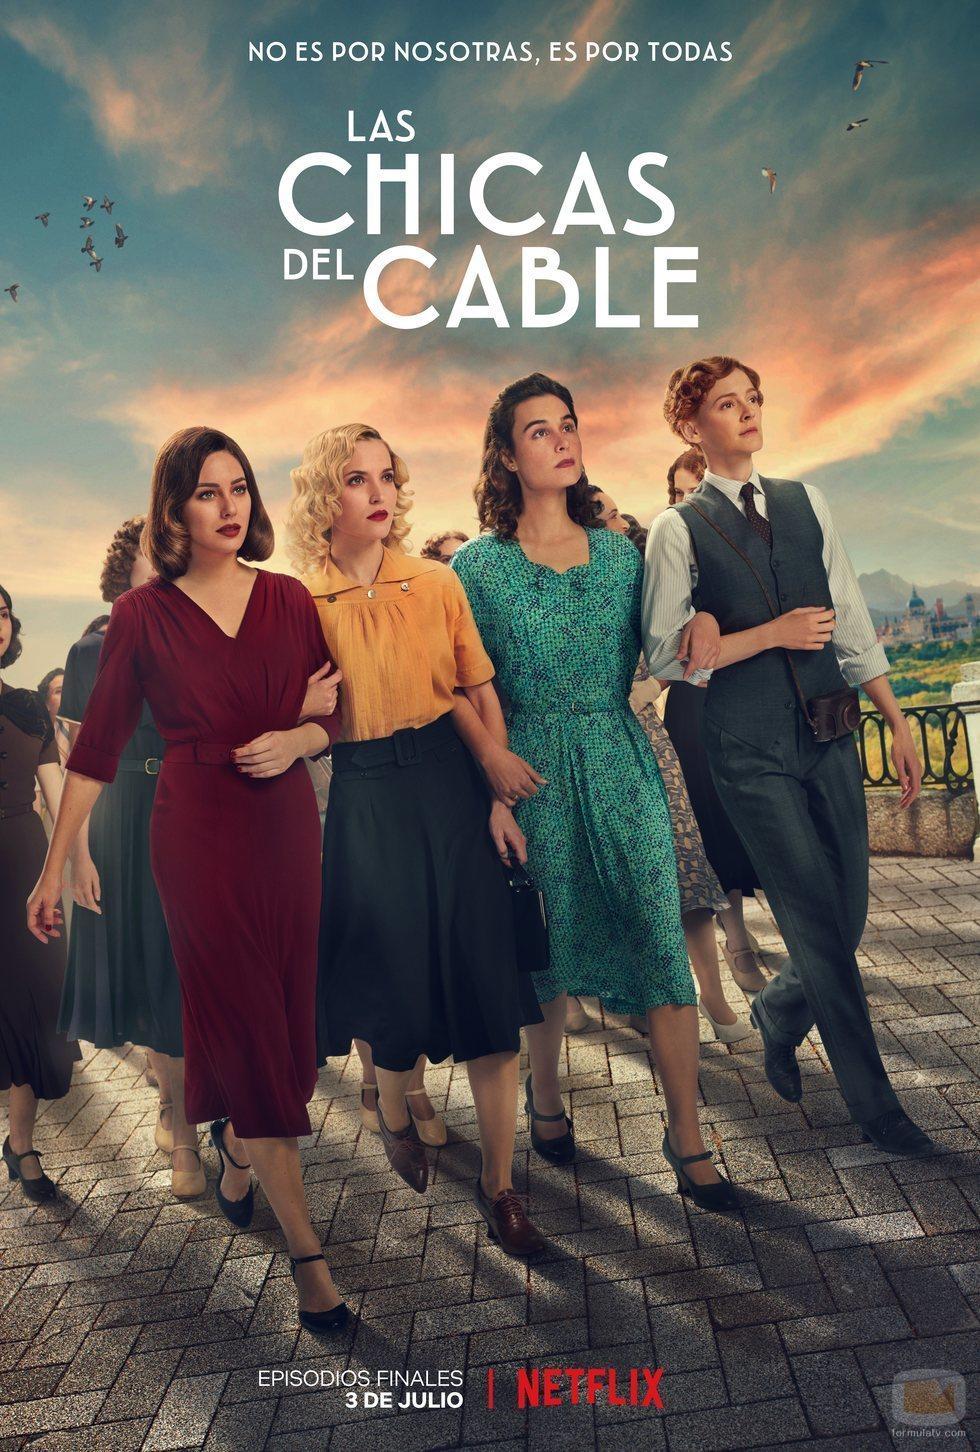 Póster de la temporada final de 'Las chicas del cable'